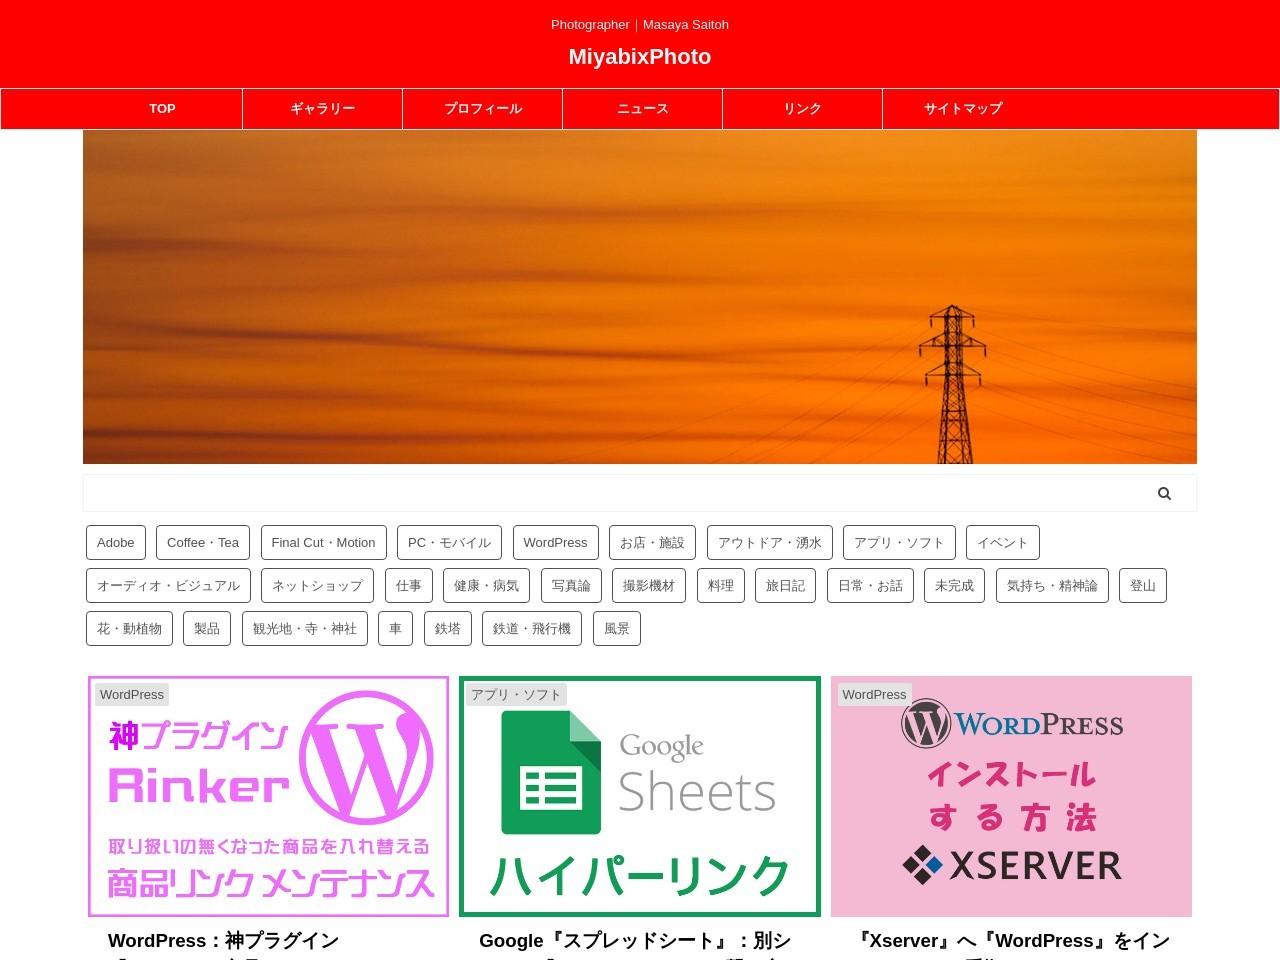 大谷石地下採掘場跡 - MiyabixPhoto